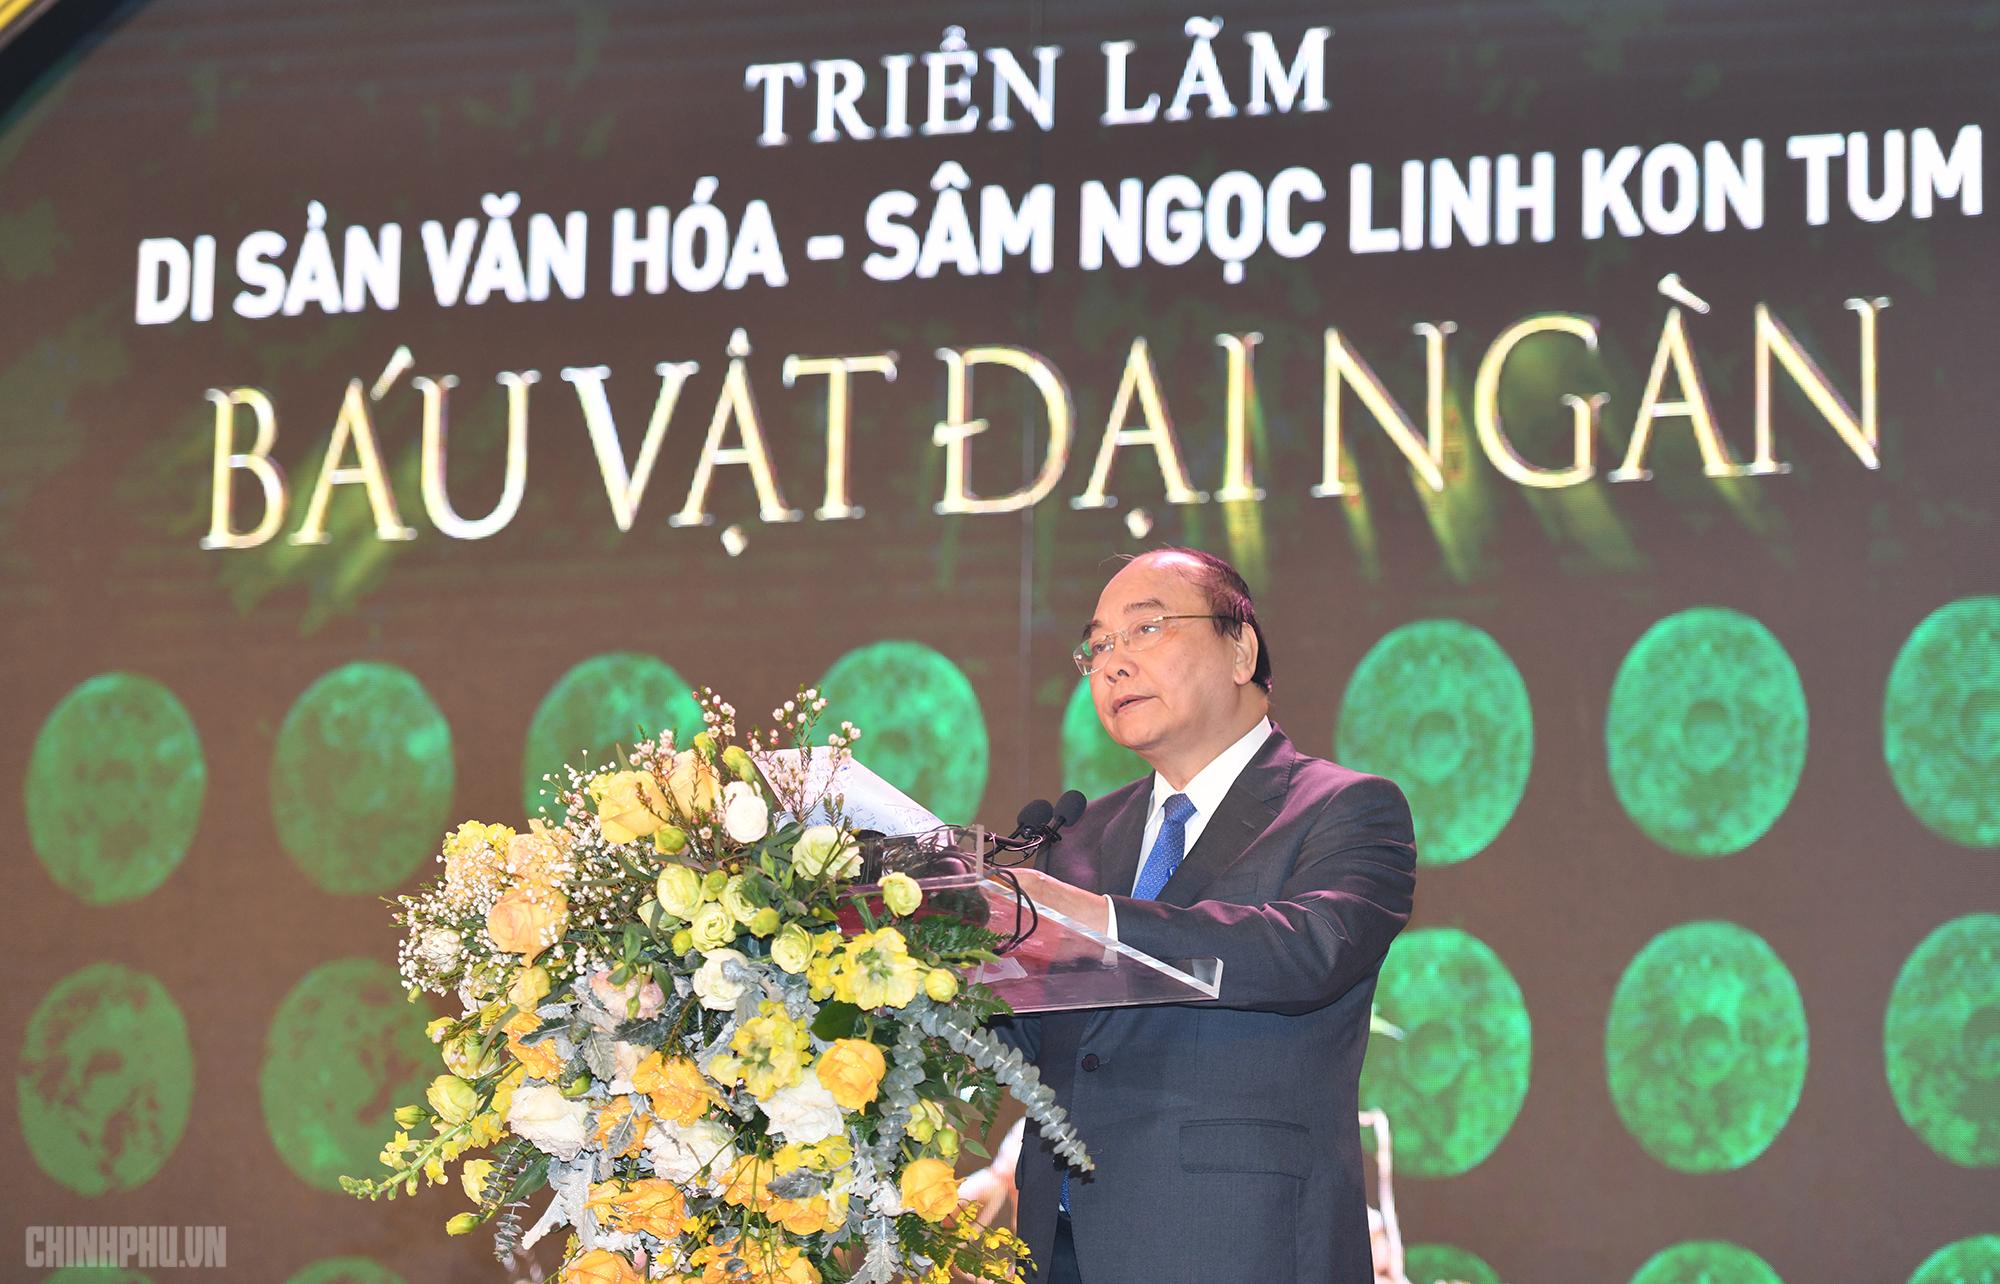 Thủ tướng Nguyễn Xuân Phúc phát biểu tại Triển lãm Di sản Văn hóa - Sâm Ngọc Linh. Ảnh VGP/Quang Hiếu